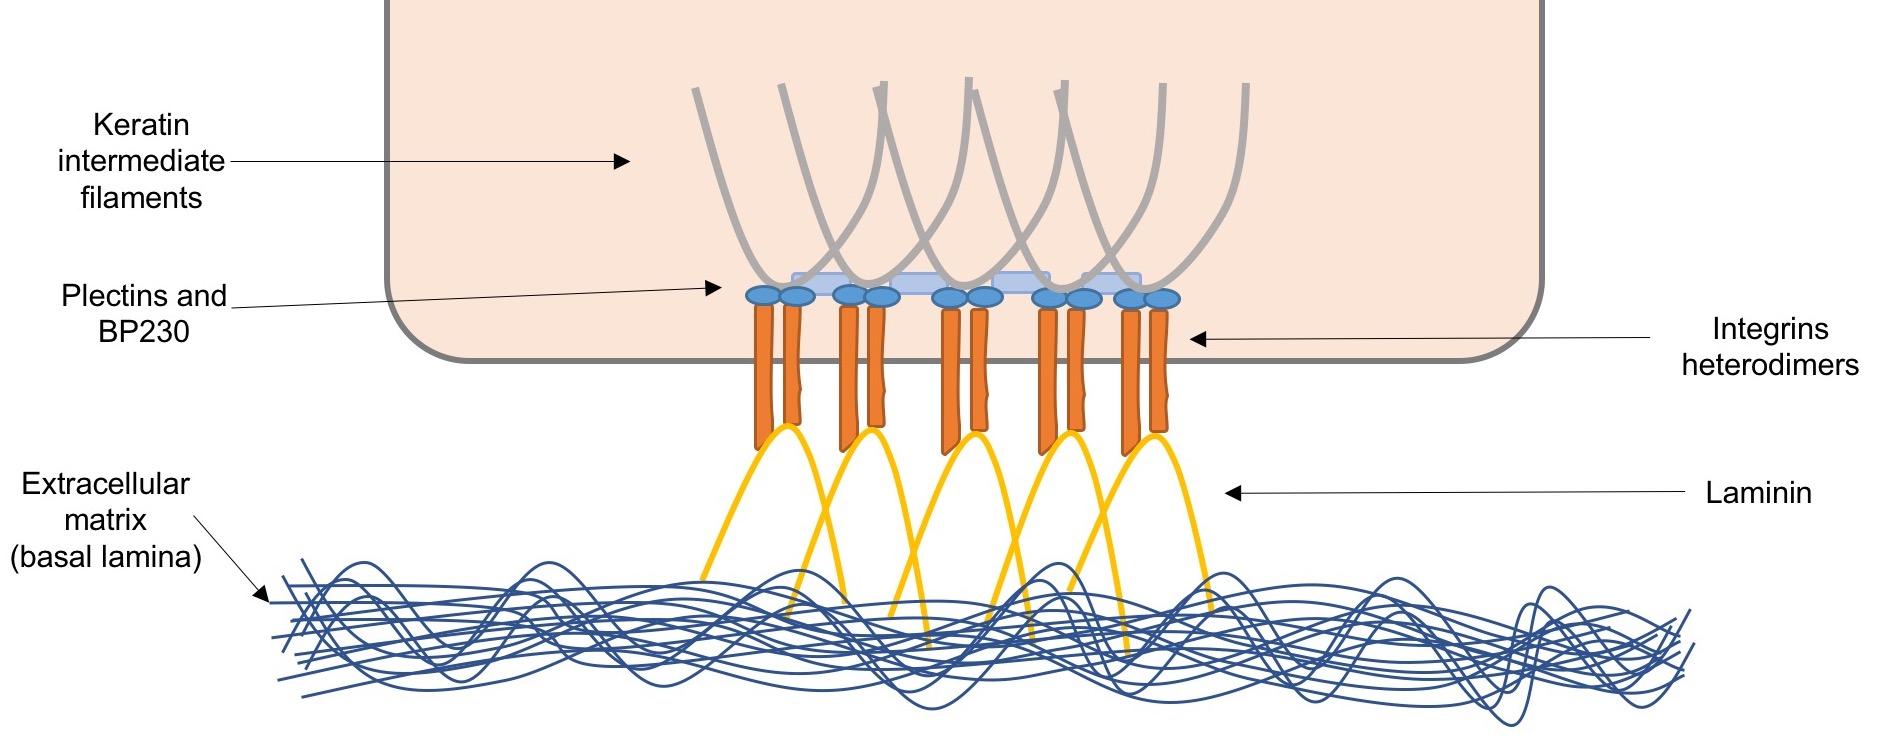 Key Difference - Tonofibrils vs Tonofilaments